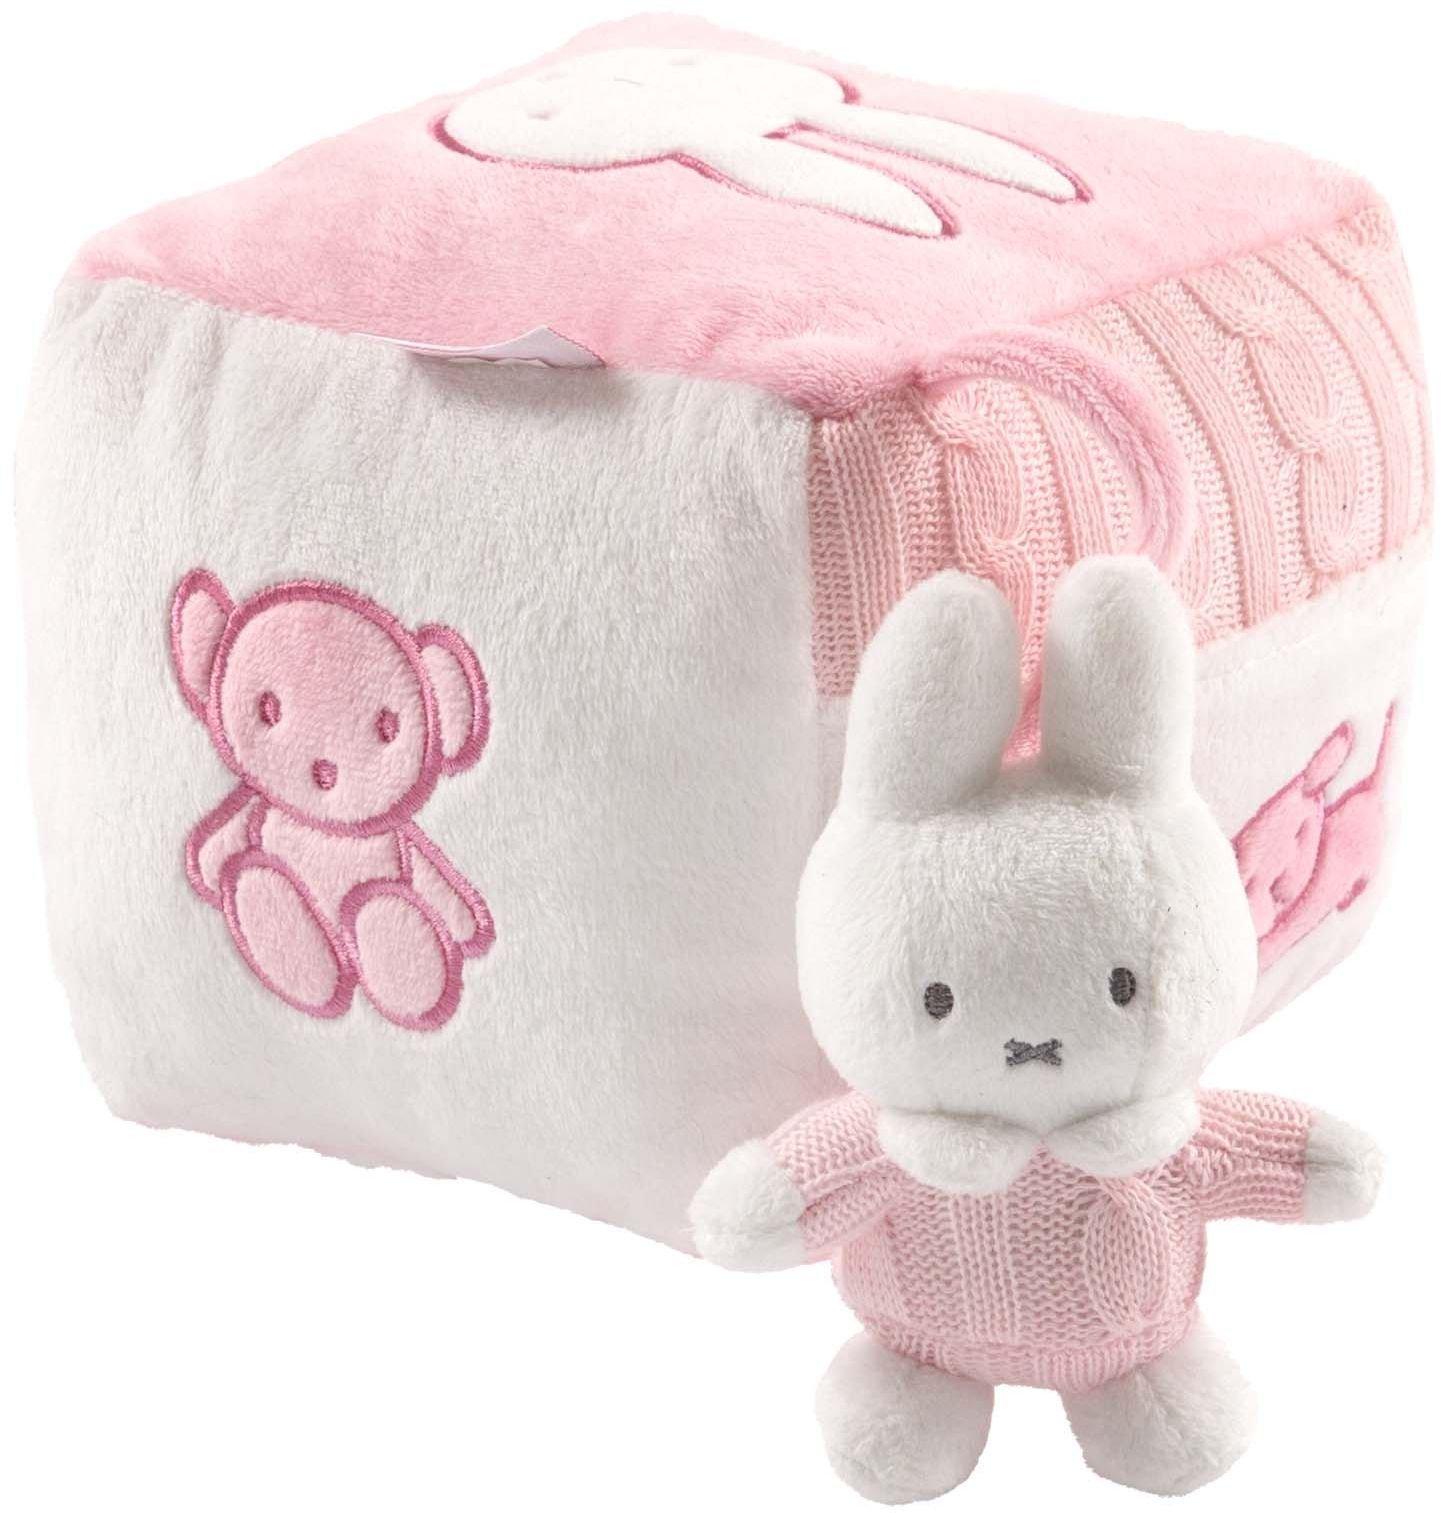 Tiamo NIJN214 - Nijntje Baby Spielzeug Würfel, rosa